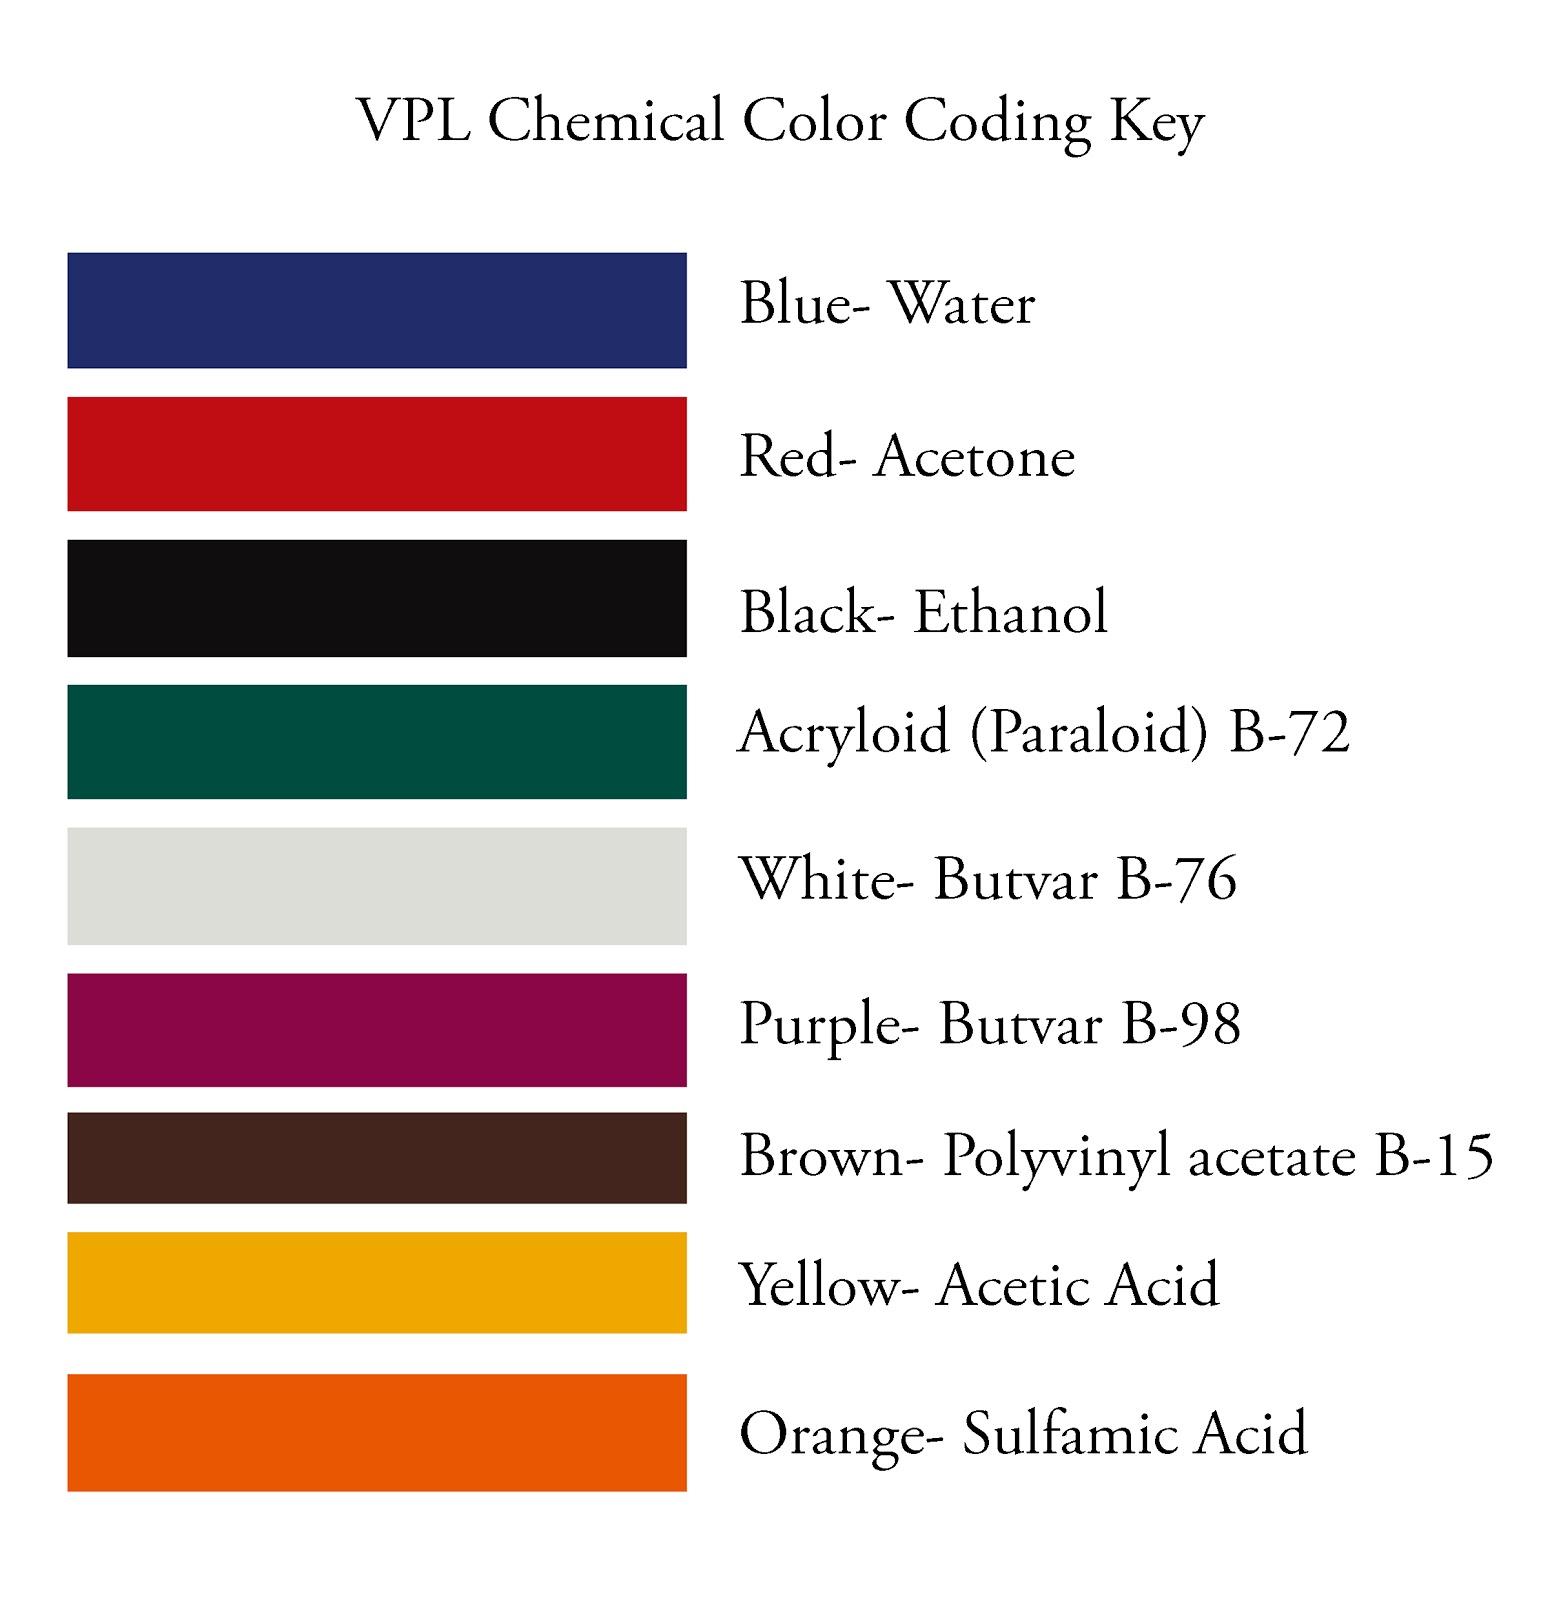 5S Color Code Chart Http://www.docstoc.com/docs/40958649